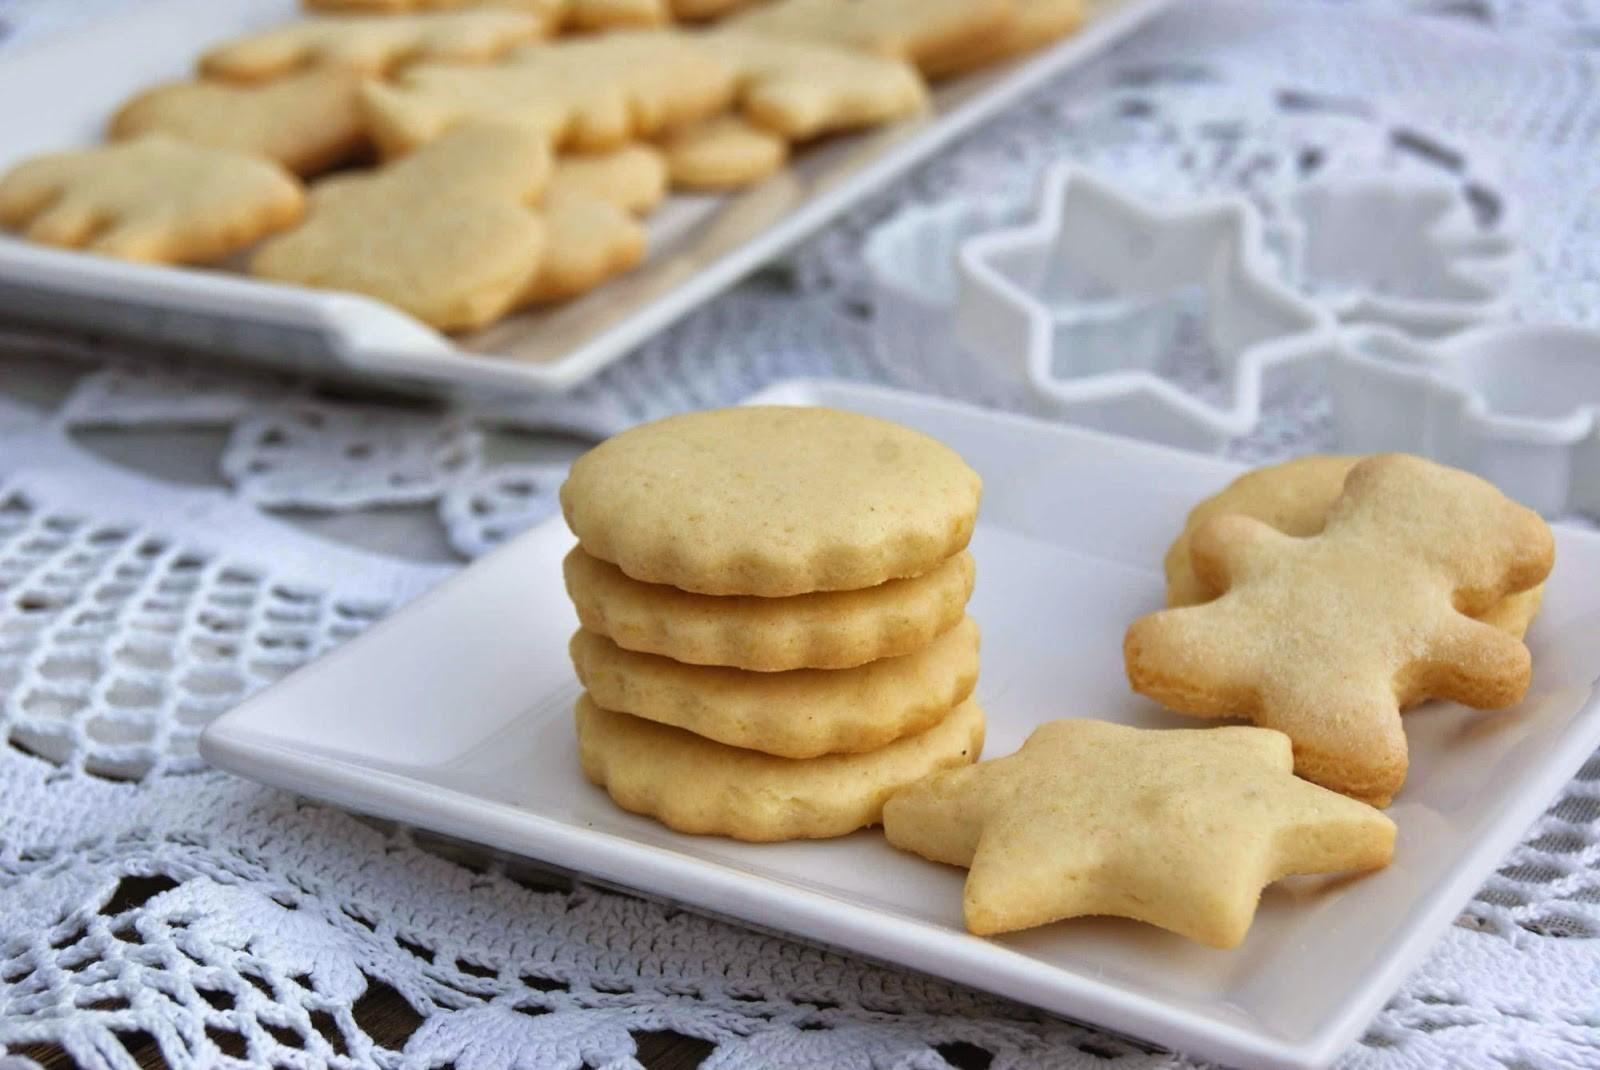 Recetas de galletas de mantequilla.